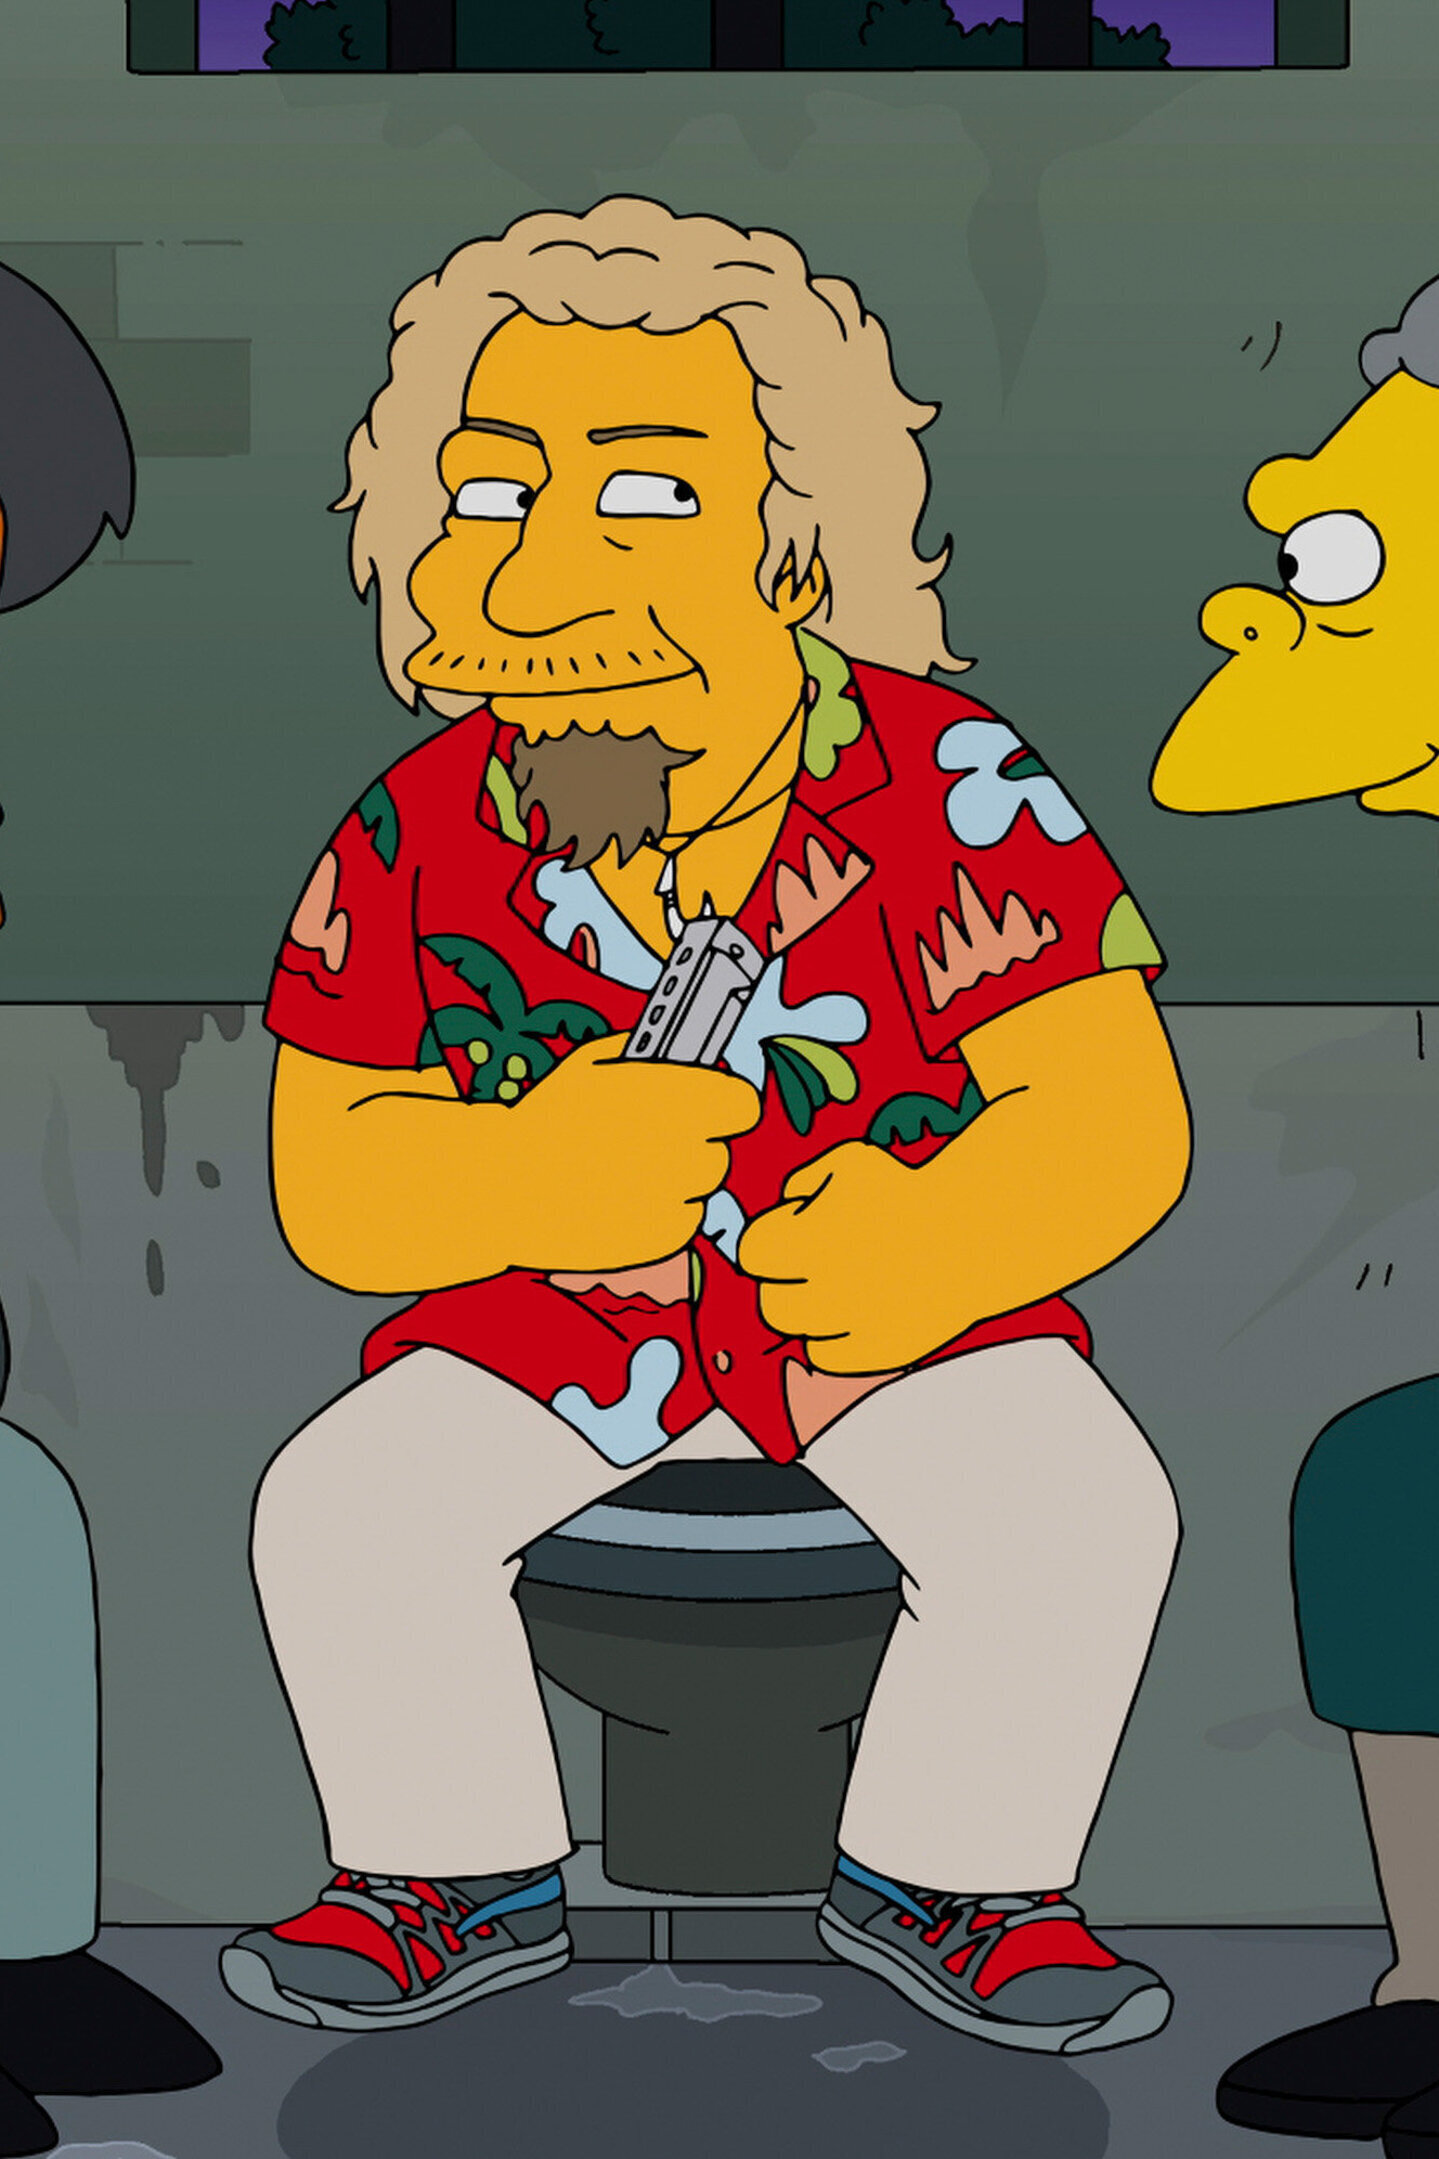 Les Simpson - Covercraft